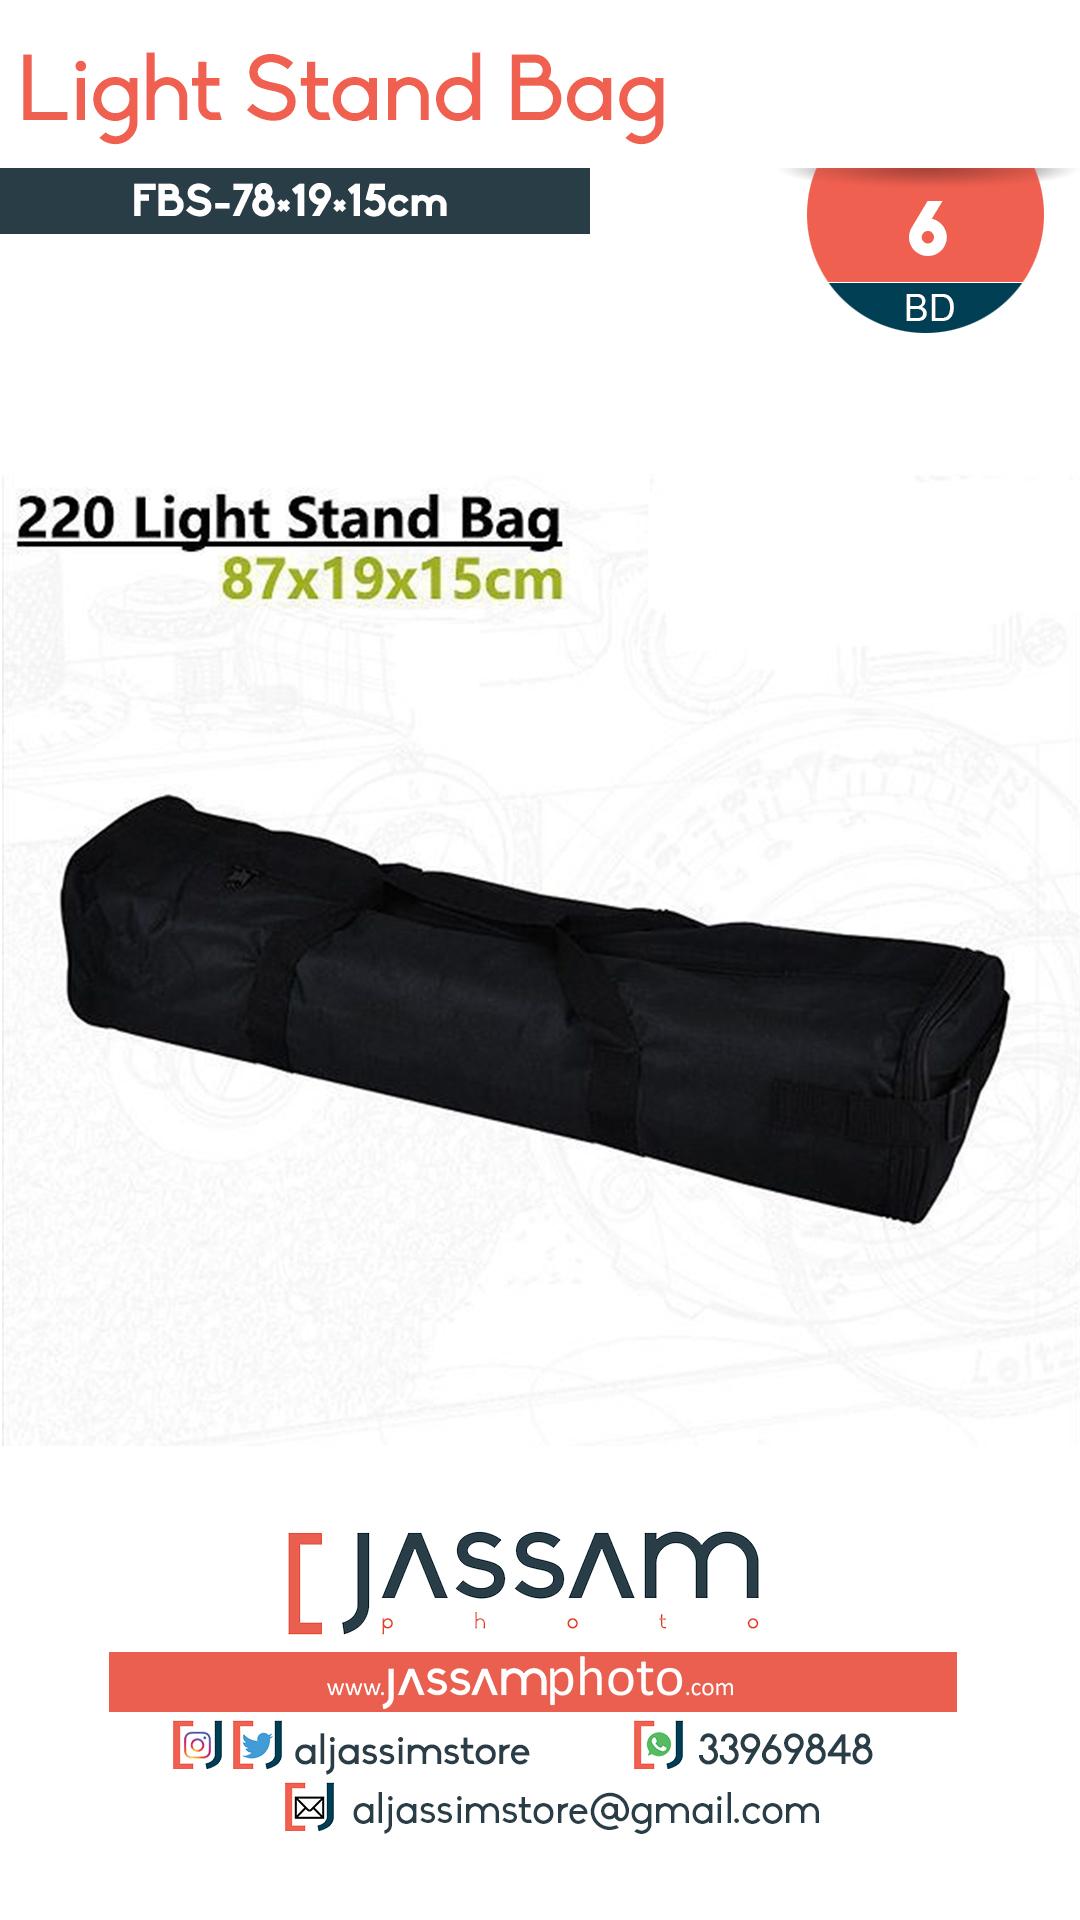 Light Stand 220 Bag